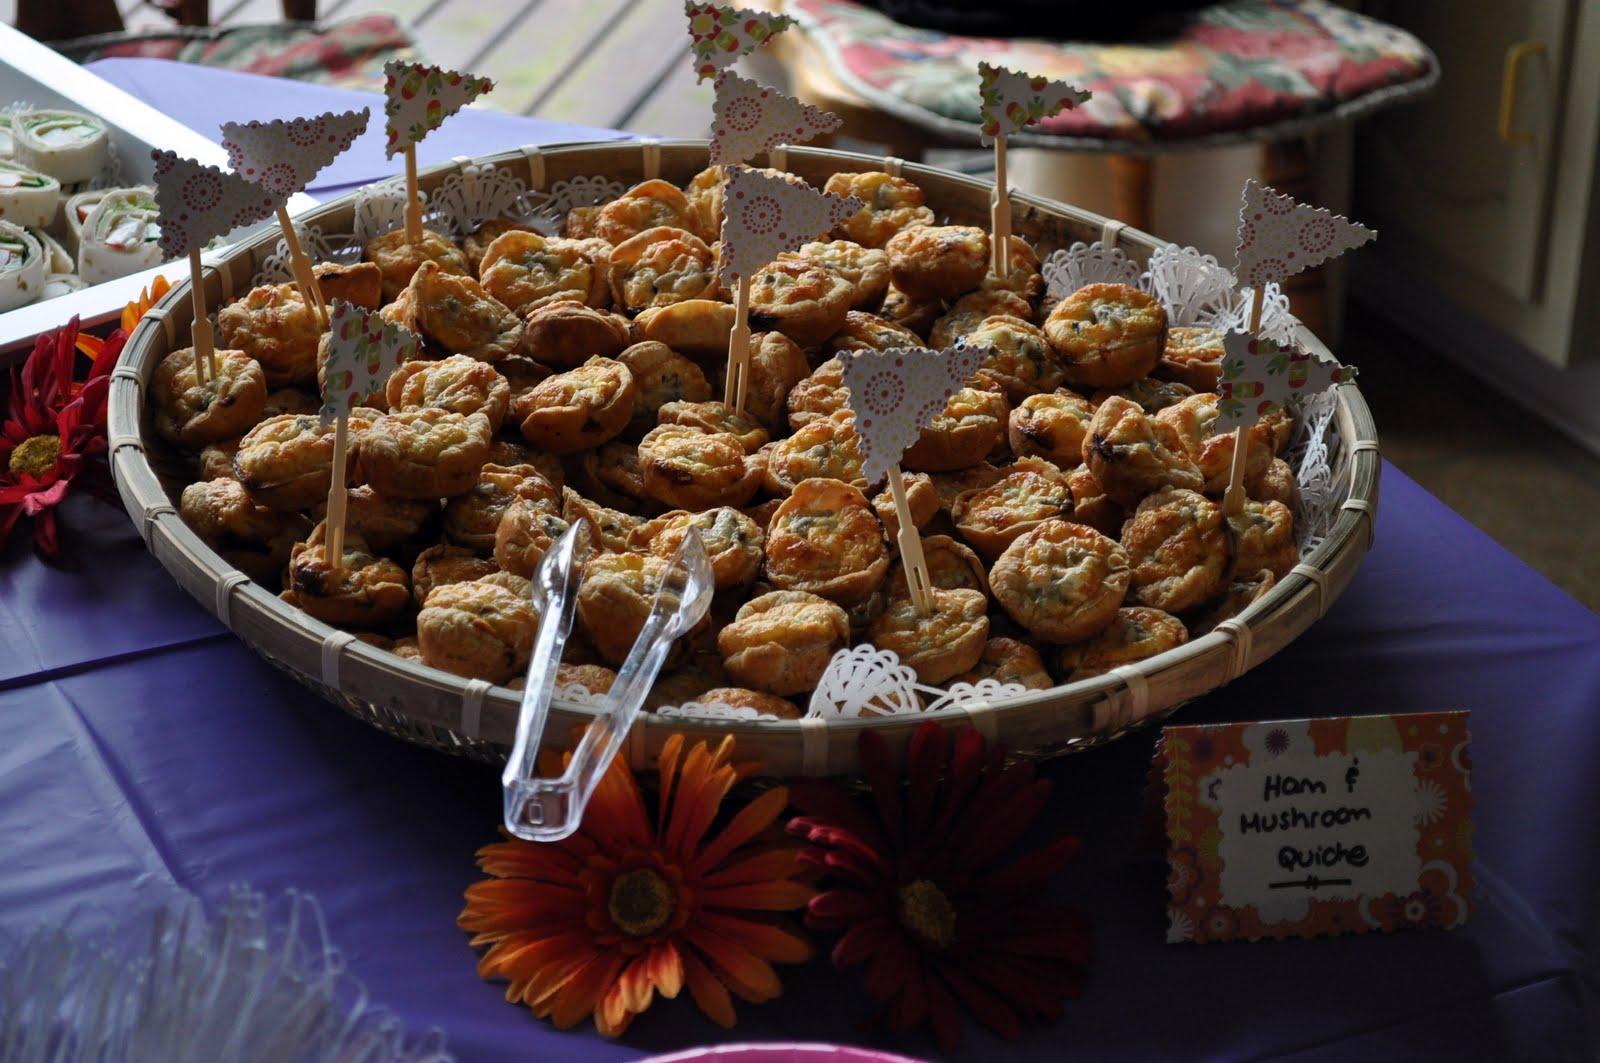 http://4.bp.blogspot.com/-TB8RZXJKXMg/Tb3cihcJe-I/AAAAAAAAAL0/ZuZHV6ORNXM/s1600/Sophie%2527s+Shower+-+Food+Table+3.jpg